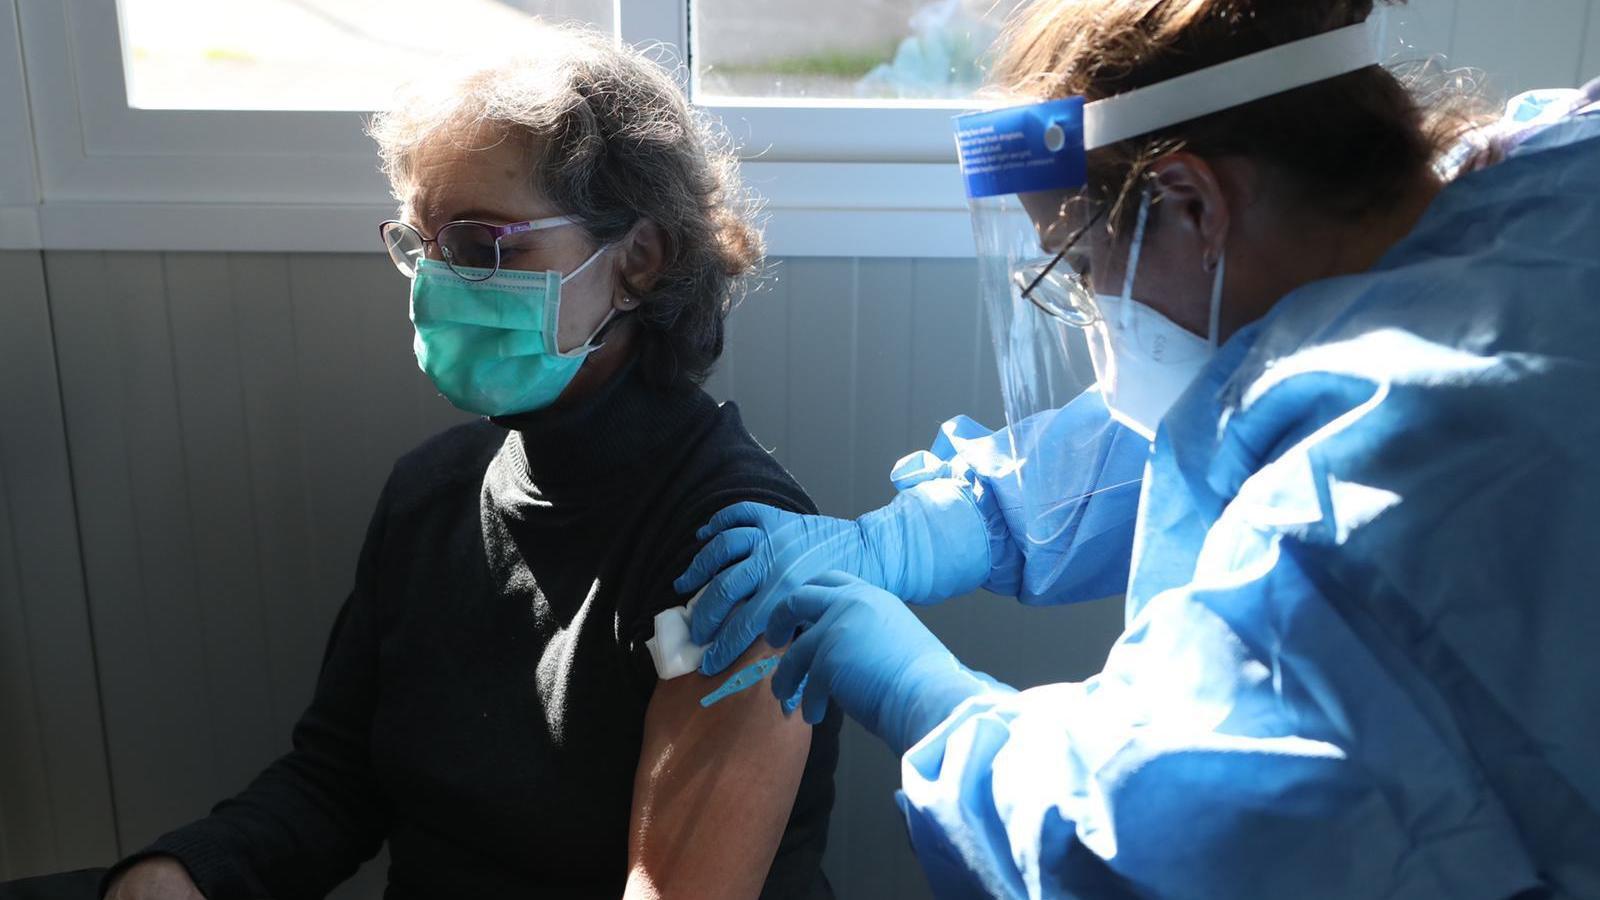 Més del 90% dels professionals de Son Espases ja s'ha registrat per vacunar-se contra el coronavirus